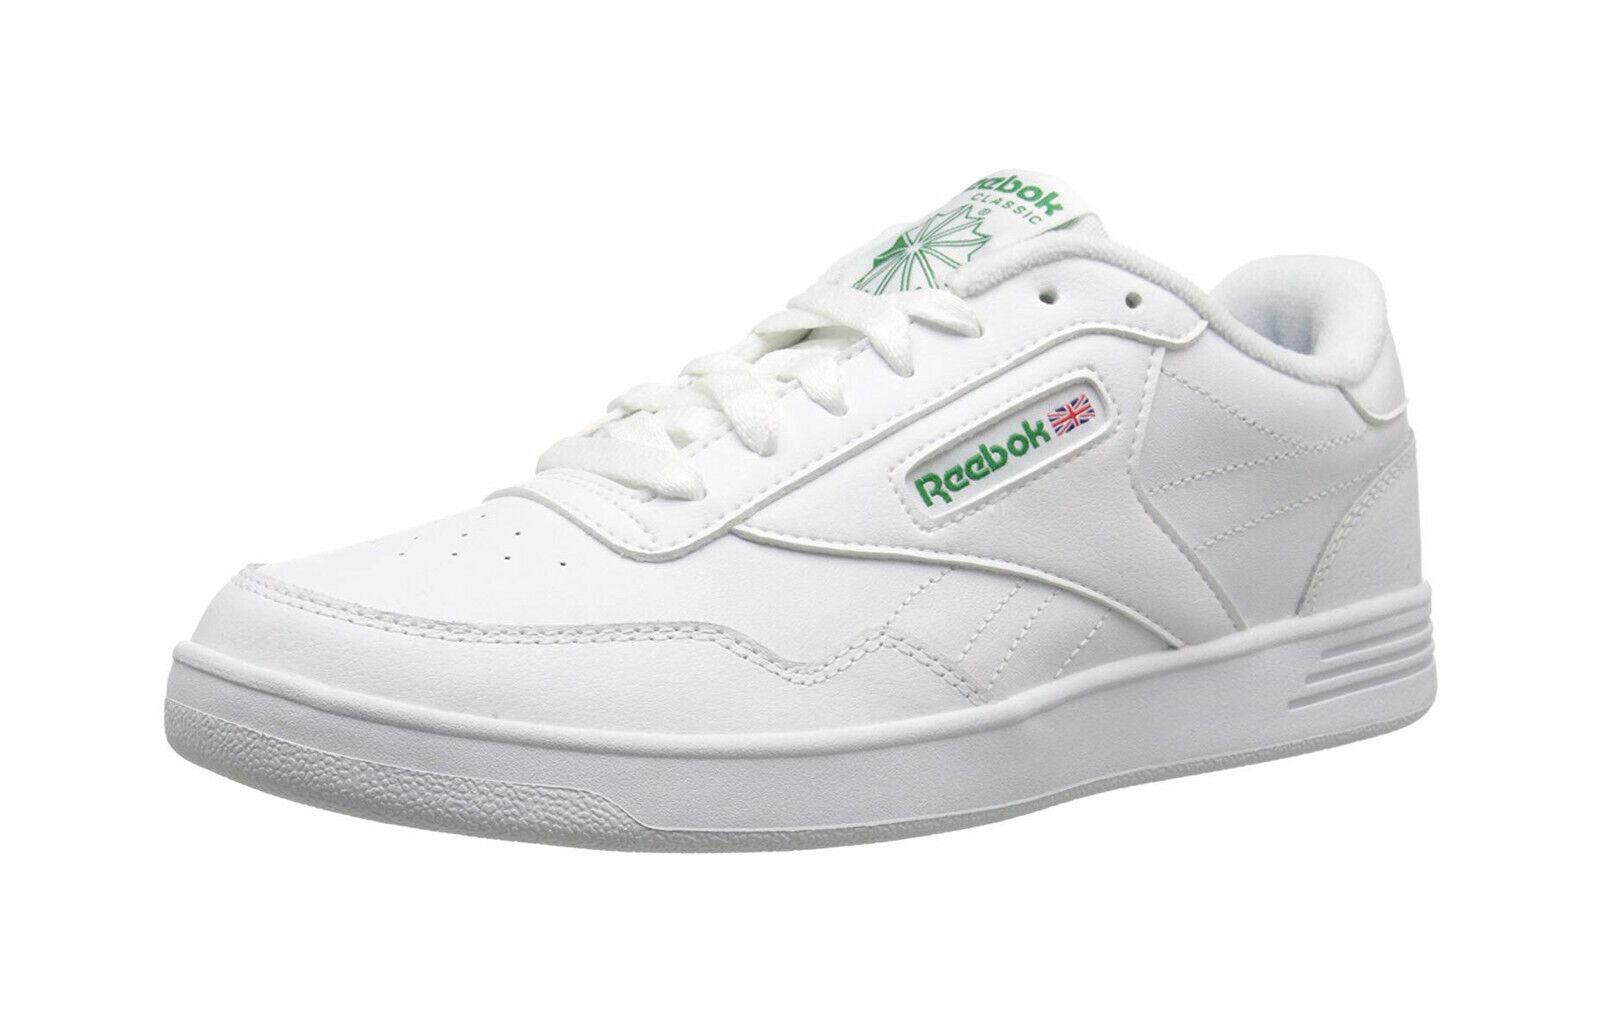 REEBOK Men Shoes Club Memt White Green